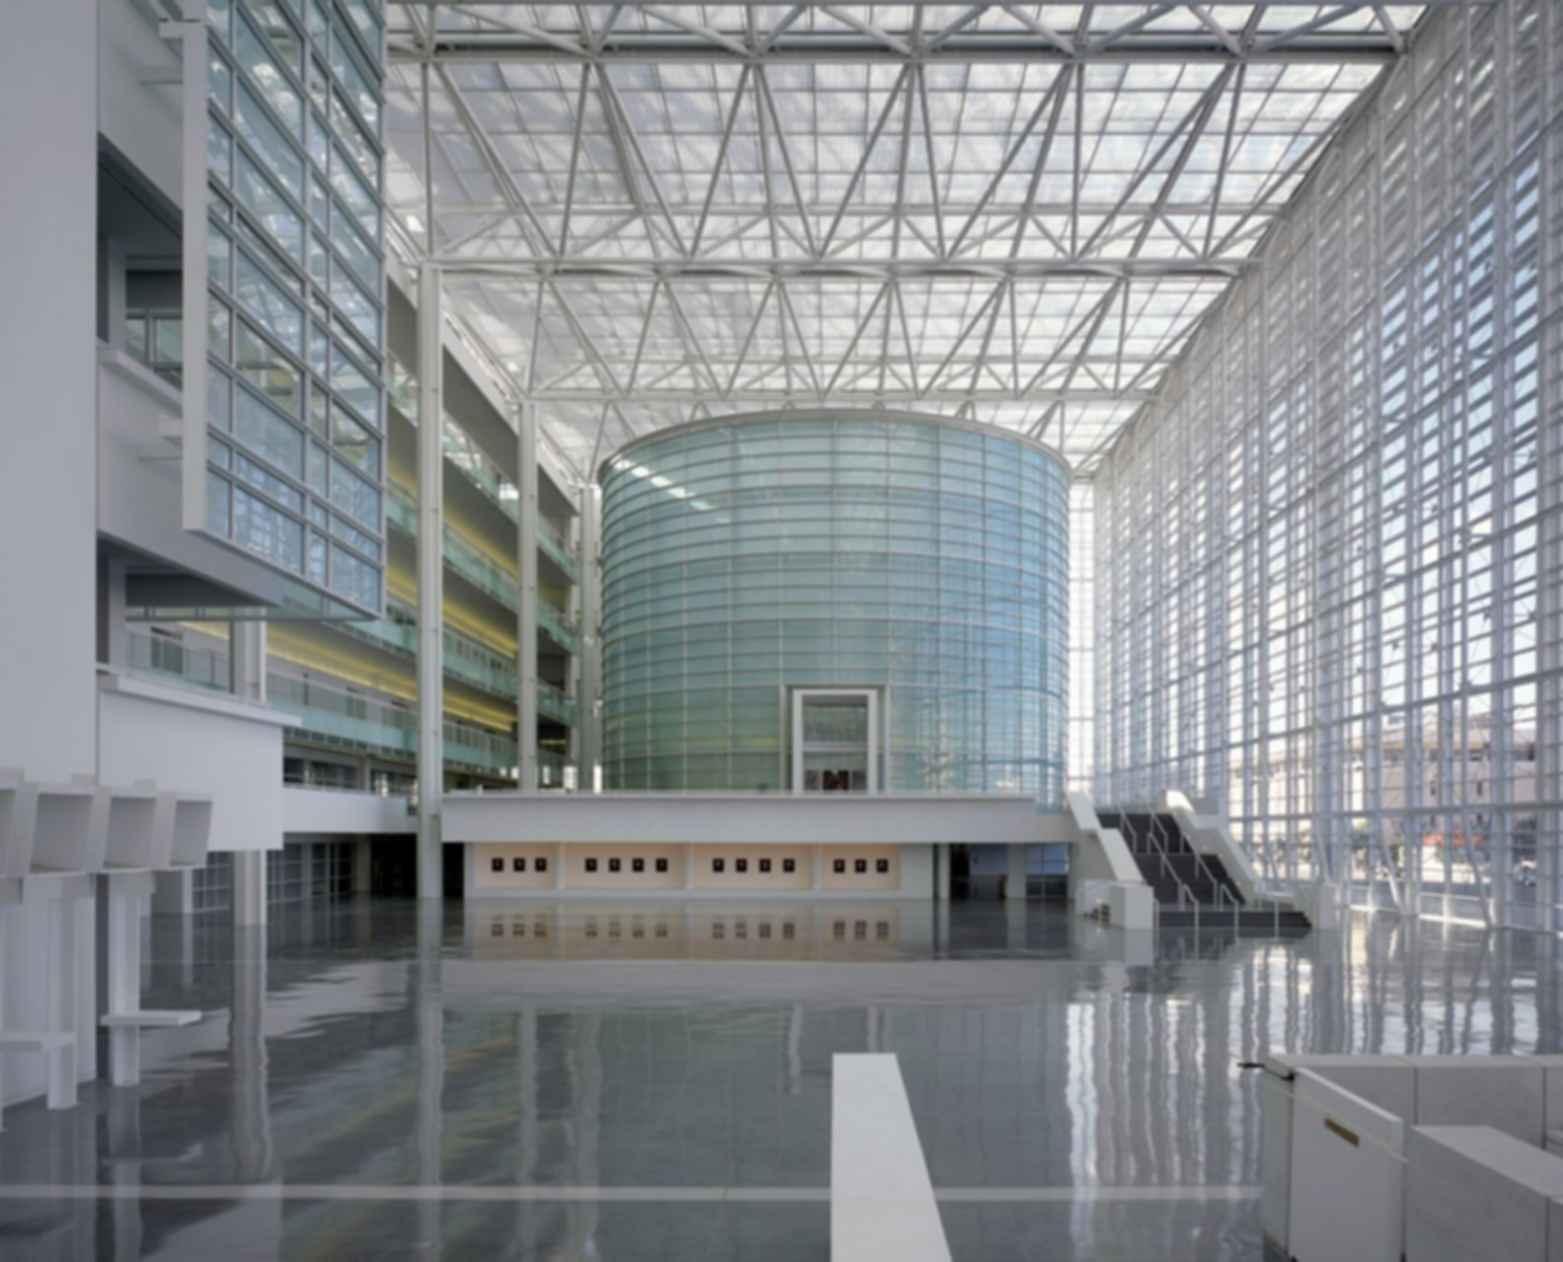 United States Courthouse, Phoenix, Arizona - Interior/Entrance